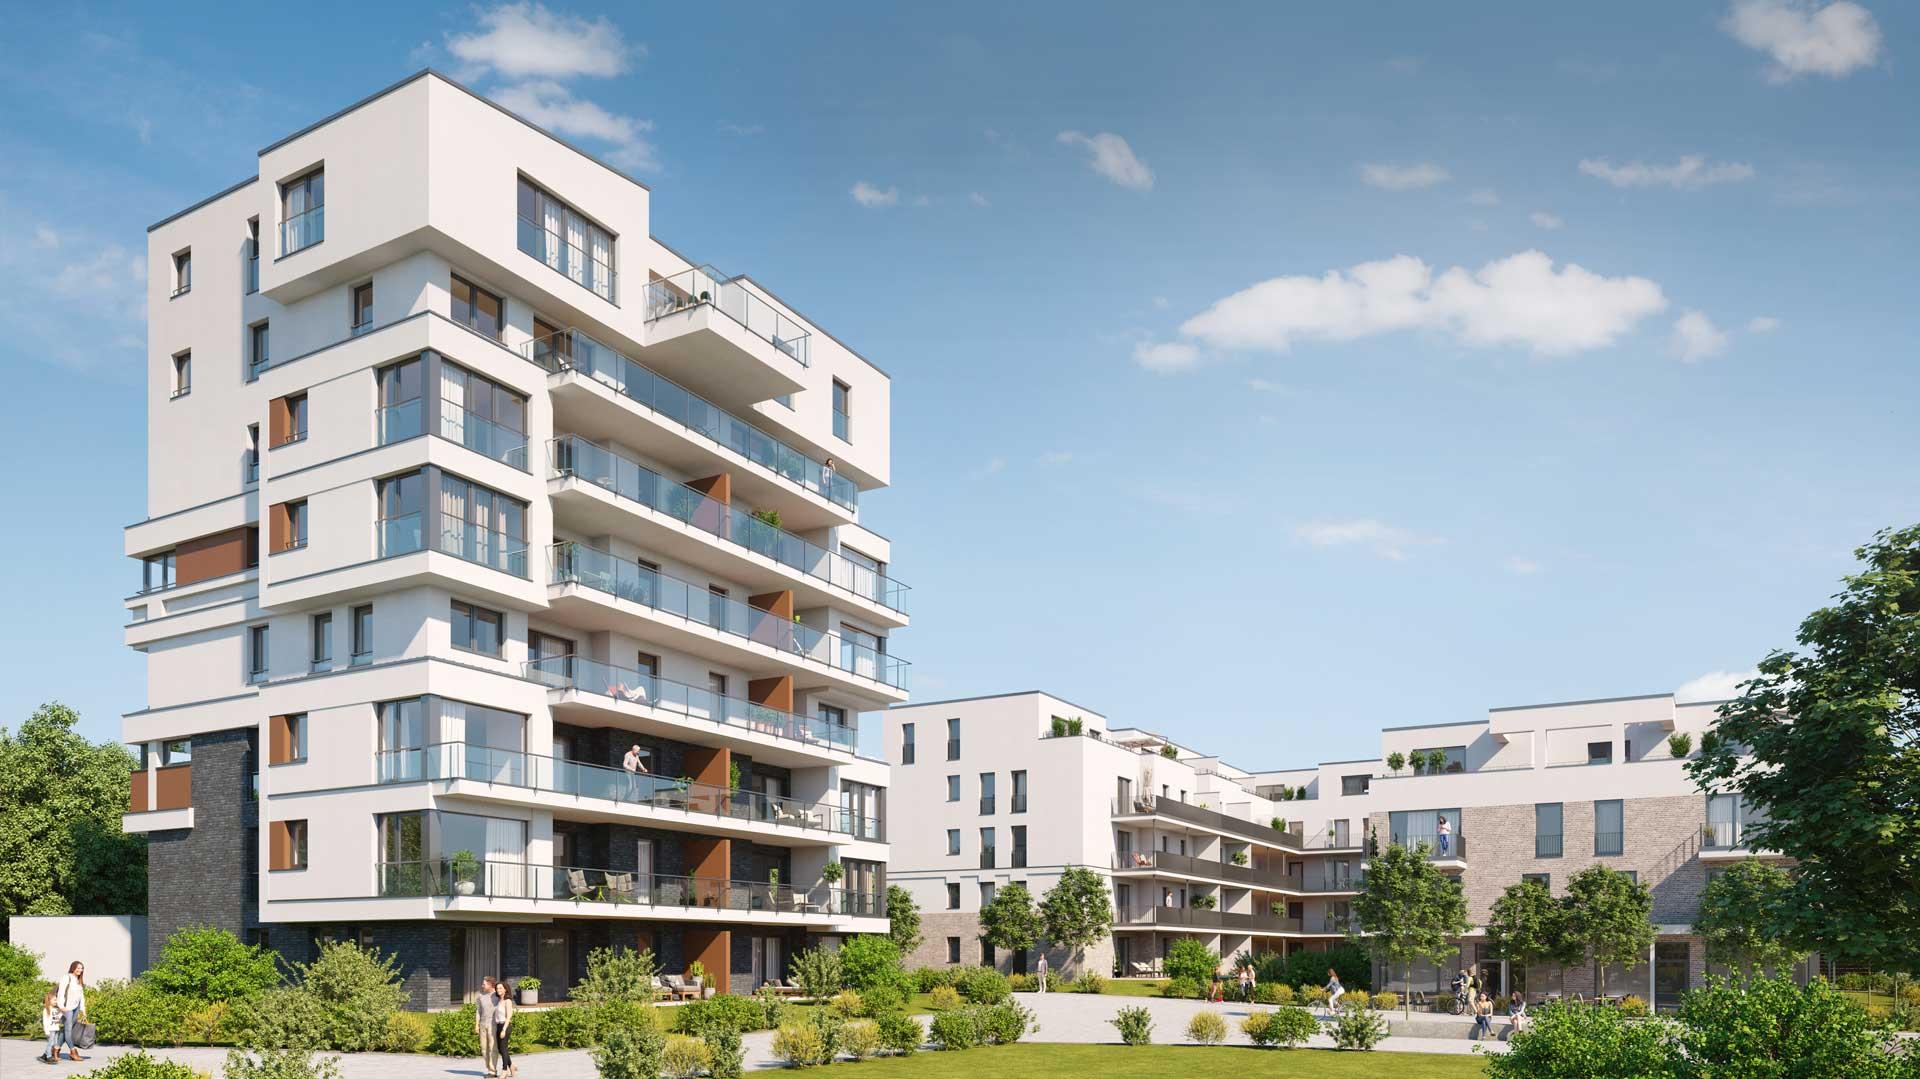 Luftige Bauweise und viel Freiraum zwischen den Immobilien bieten Lebensqualitaet im Alltag.